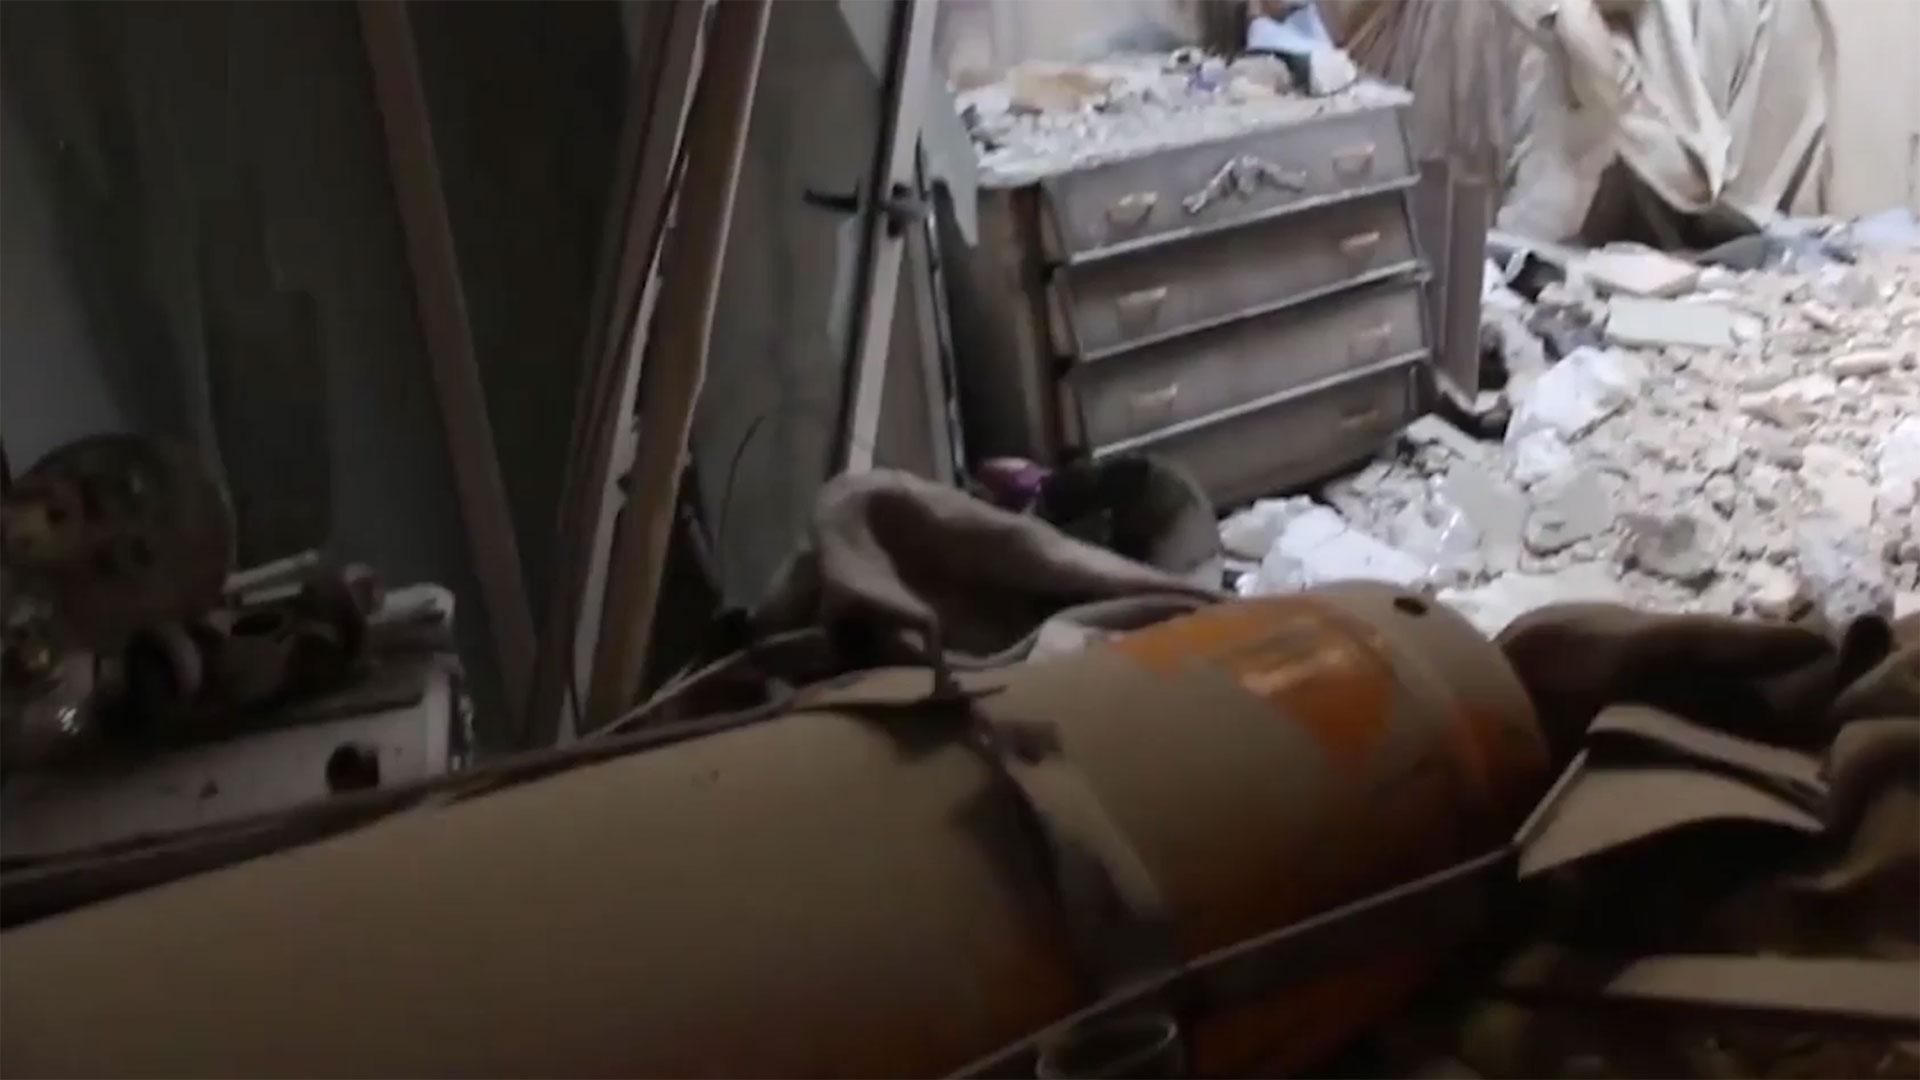 Aunque no explotó, la bomba destruyó parte de la vivienda al caer